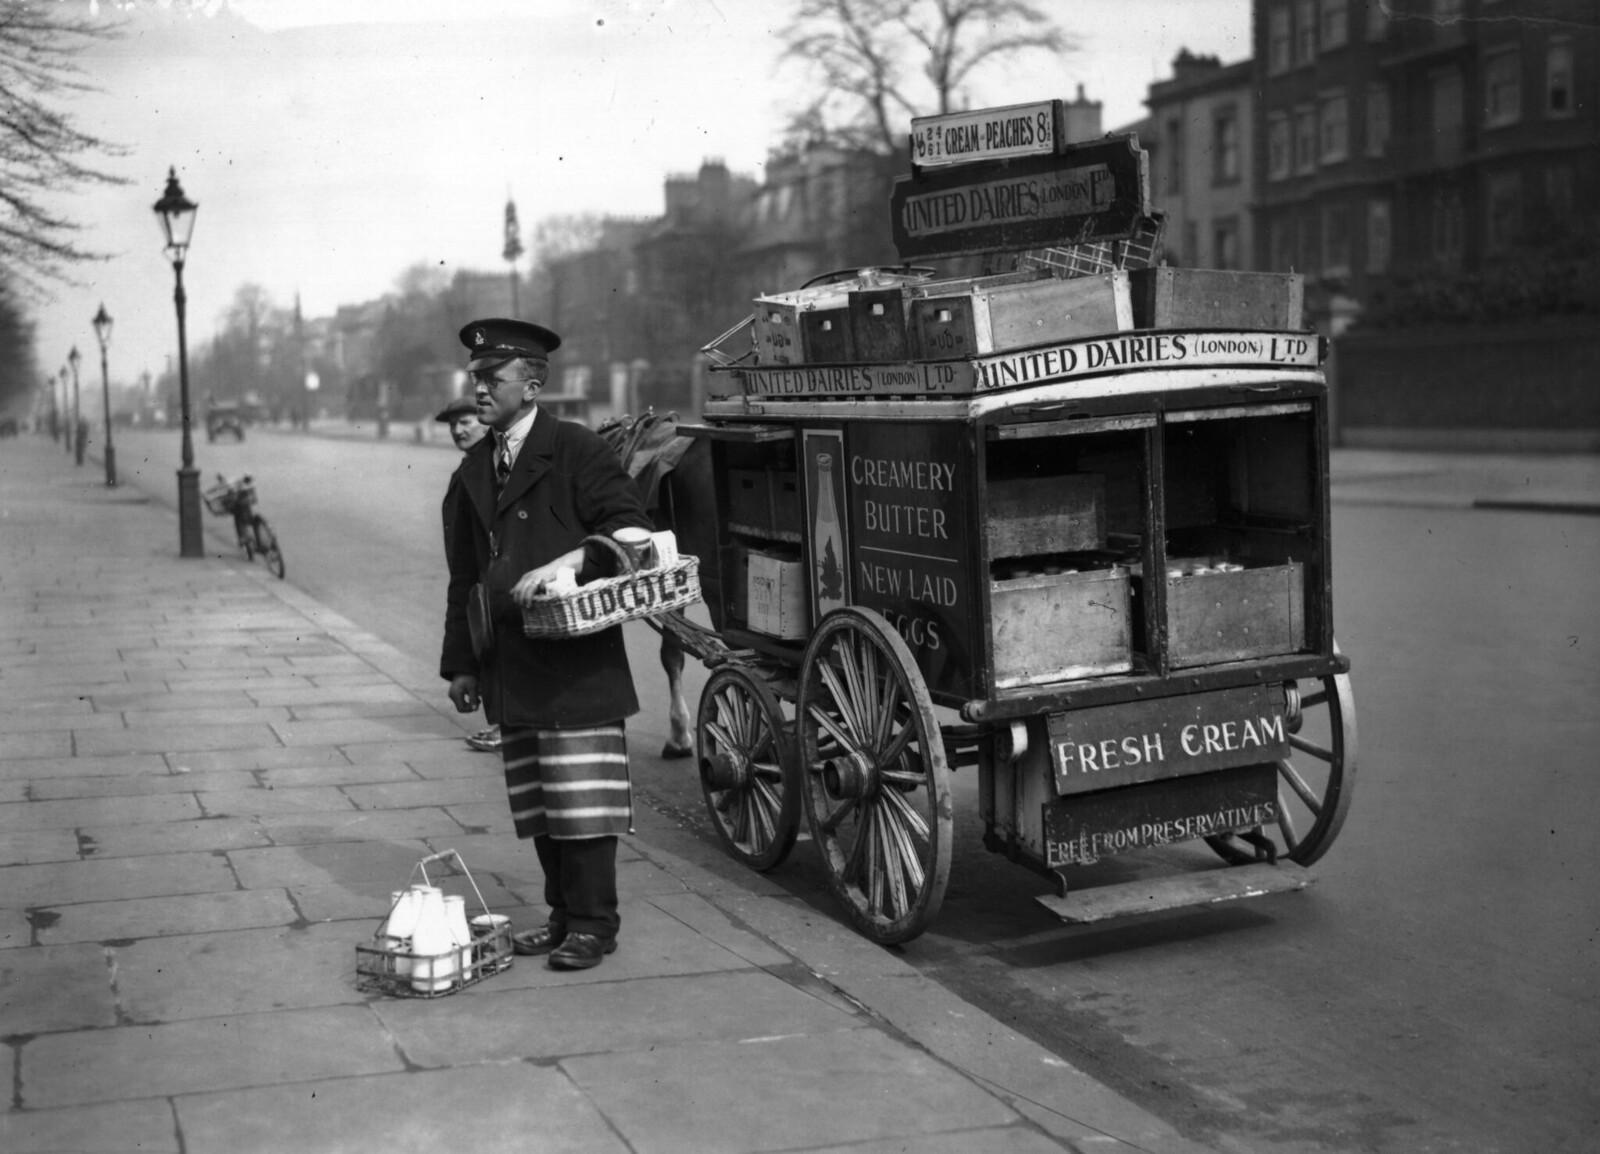 21 апреля. Сотрудник United Dairies Ltd доставляет молоко и продукты в Мейда Вейл, Лондон, на четырехколесной тележке, запряженной пони.